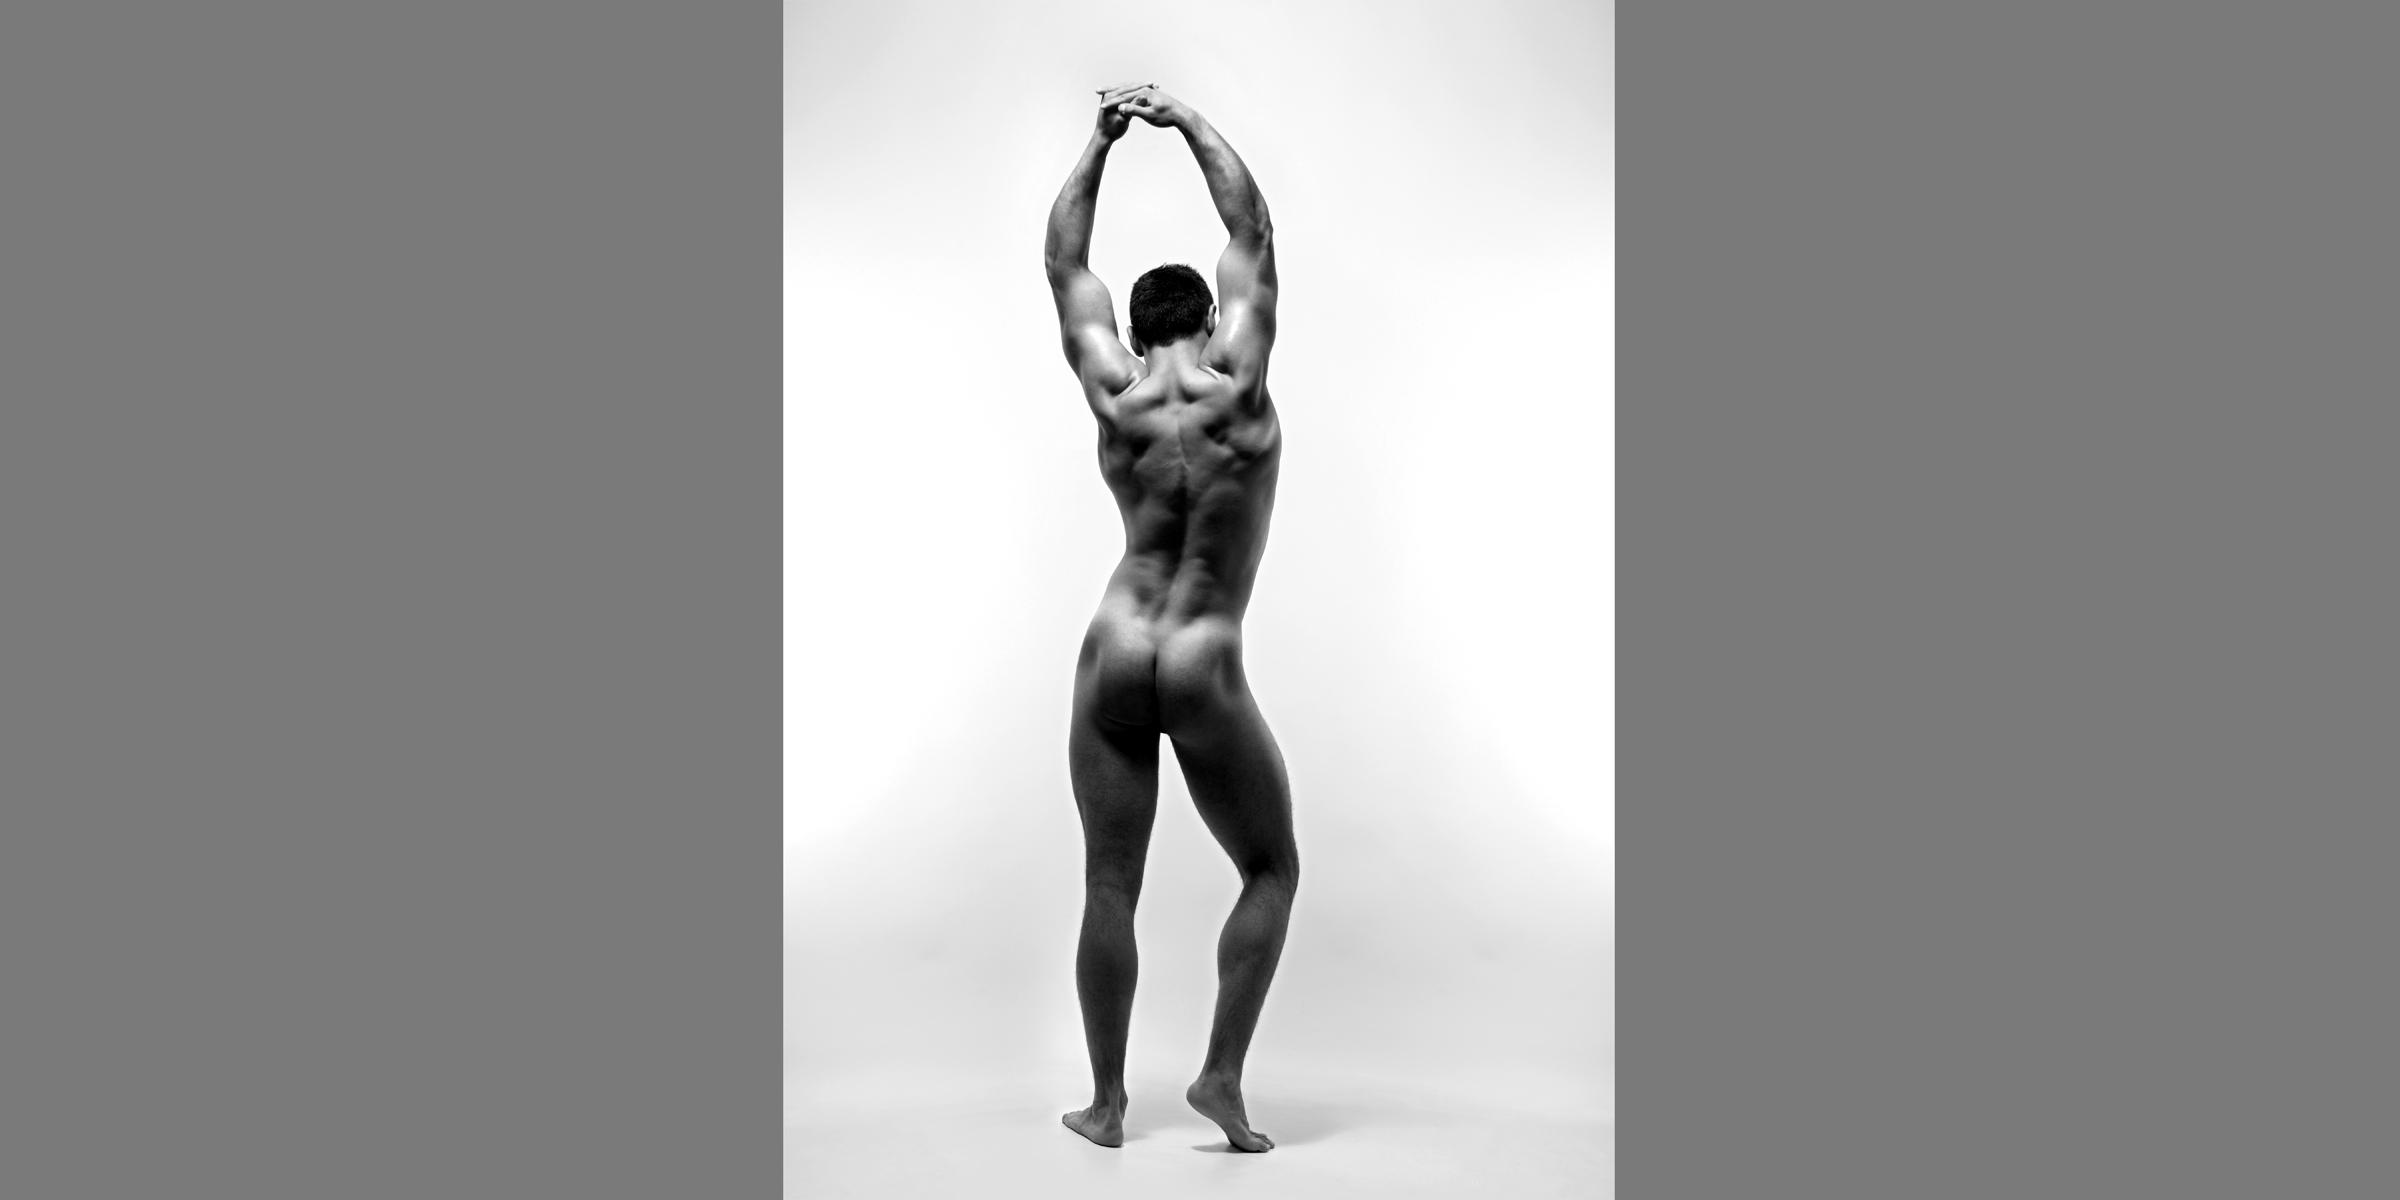 Schwarz-weiße Rückansicht eines sportlichen Mannes mit muskulösem Rücken, der die Arme über dem Kopf hochstreckt.